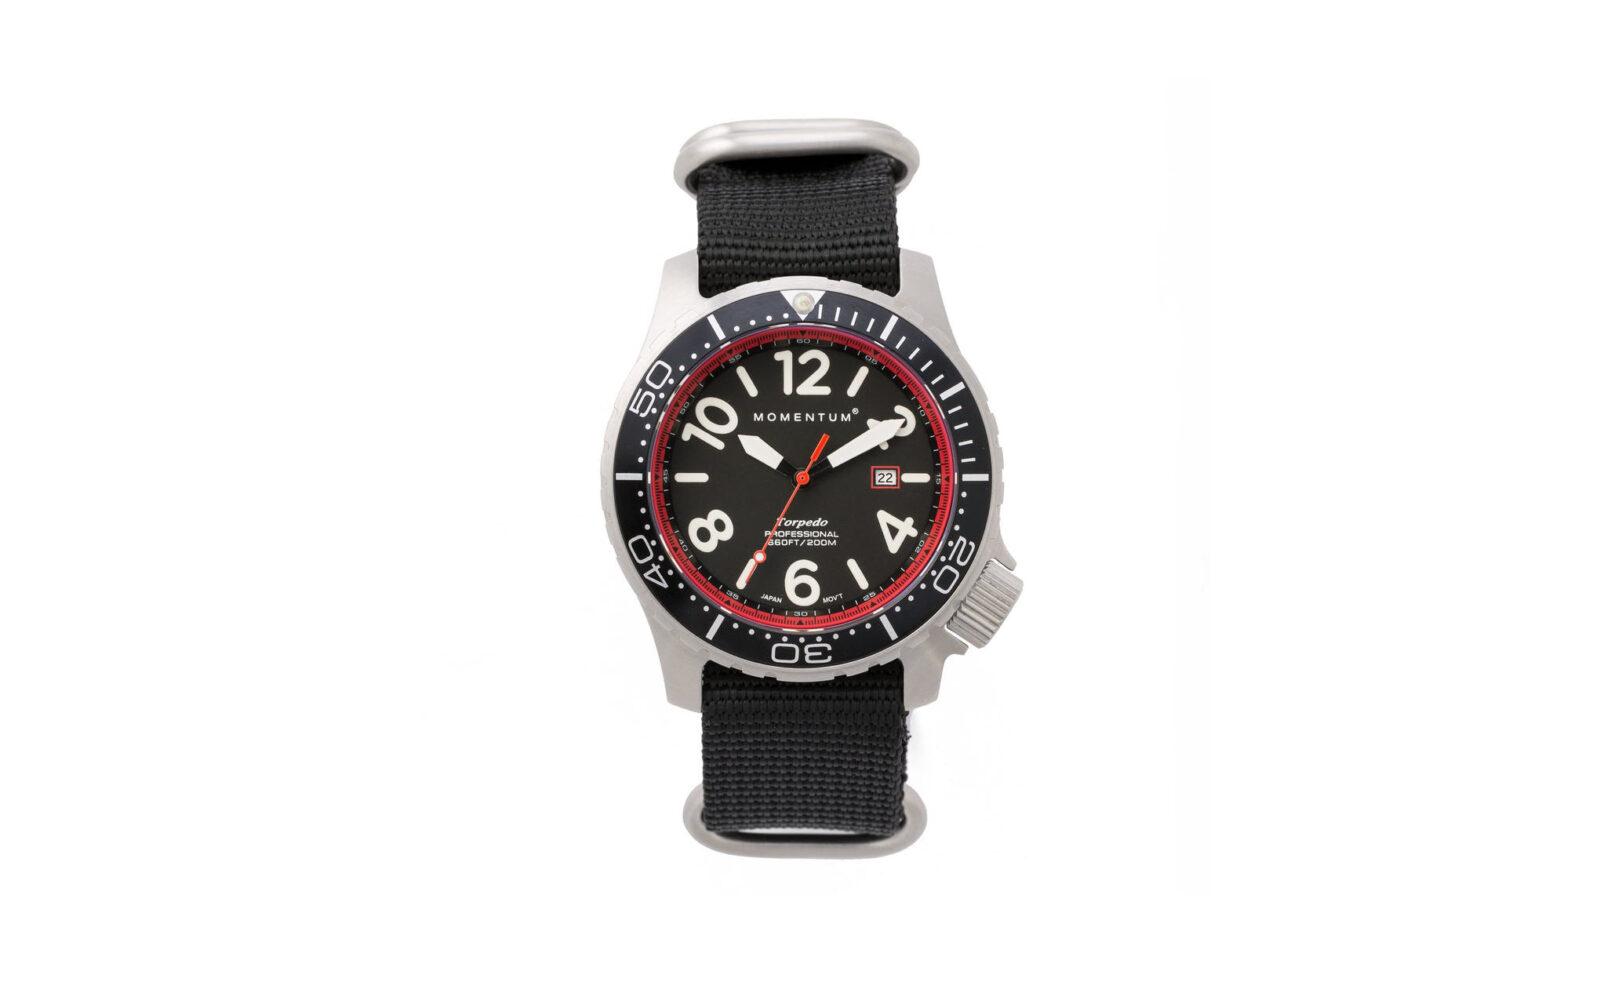 Momentum Torpedo Blast Watch